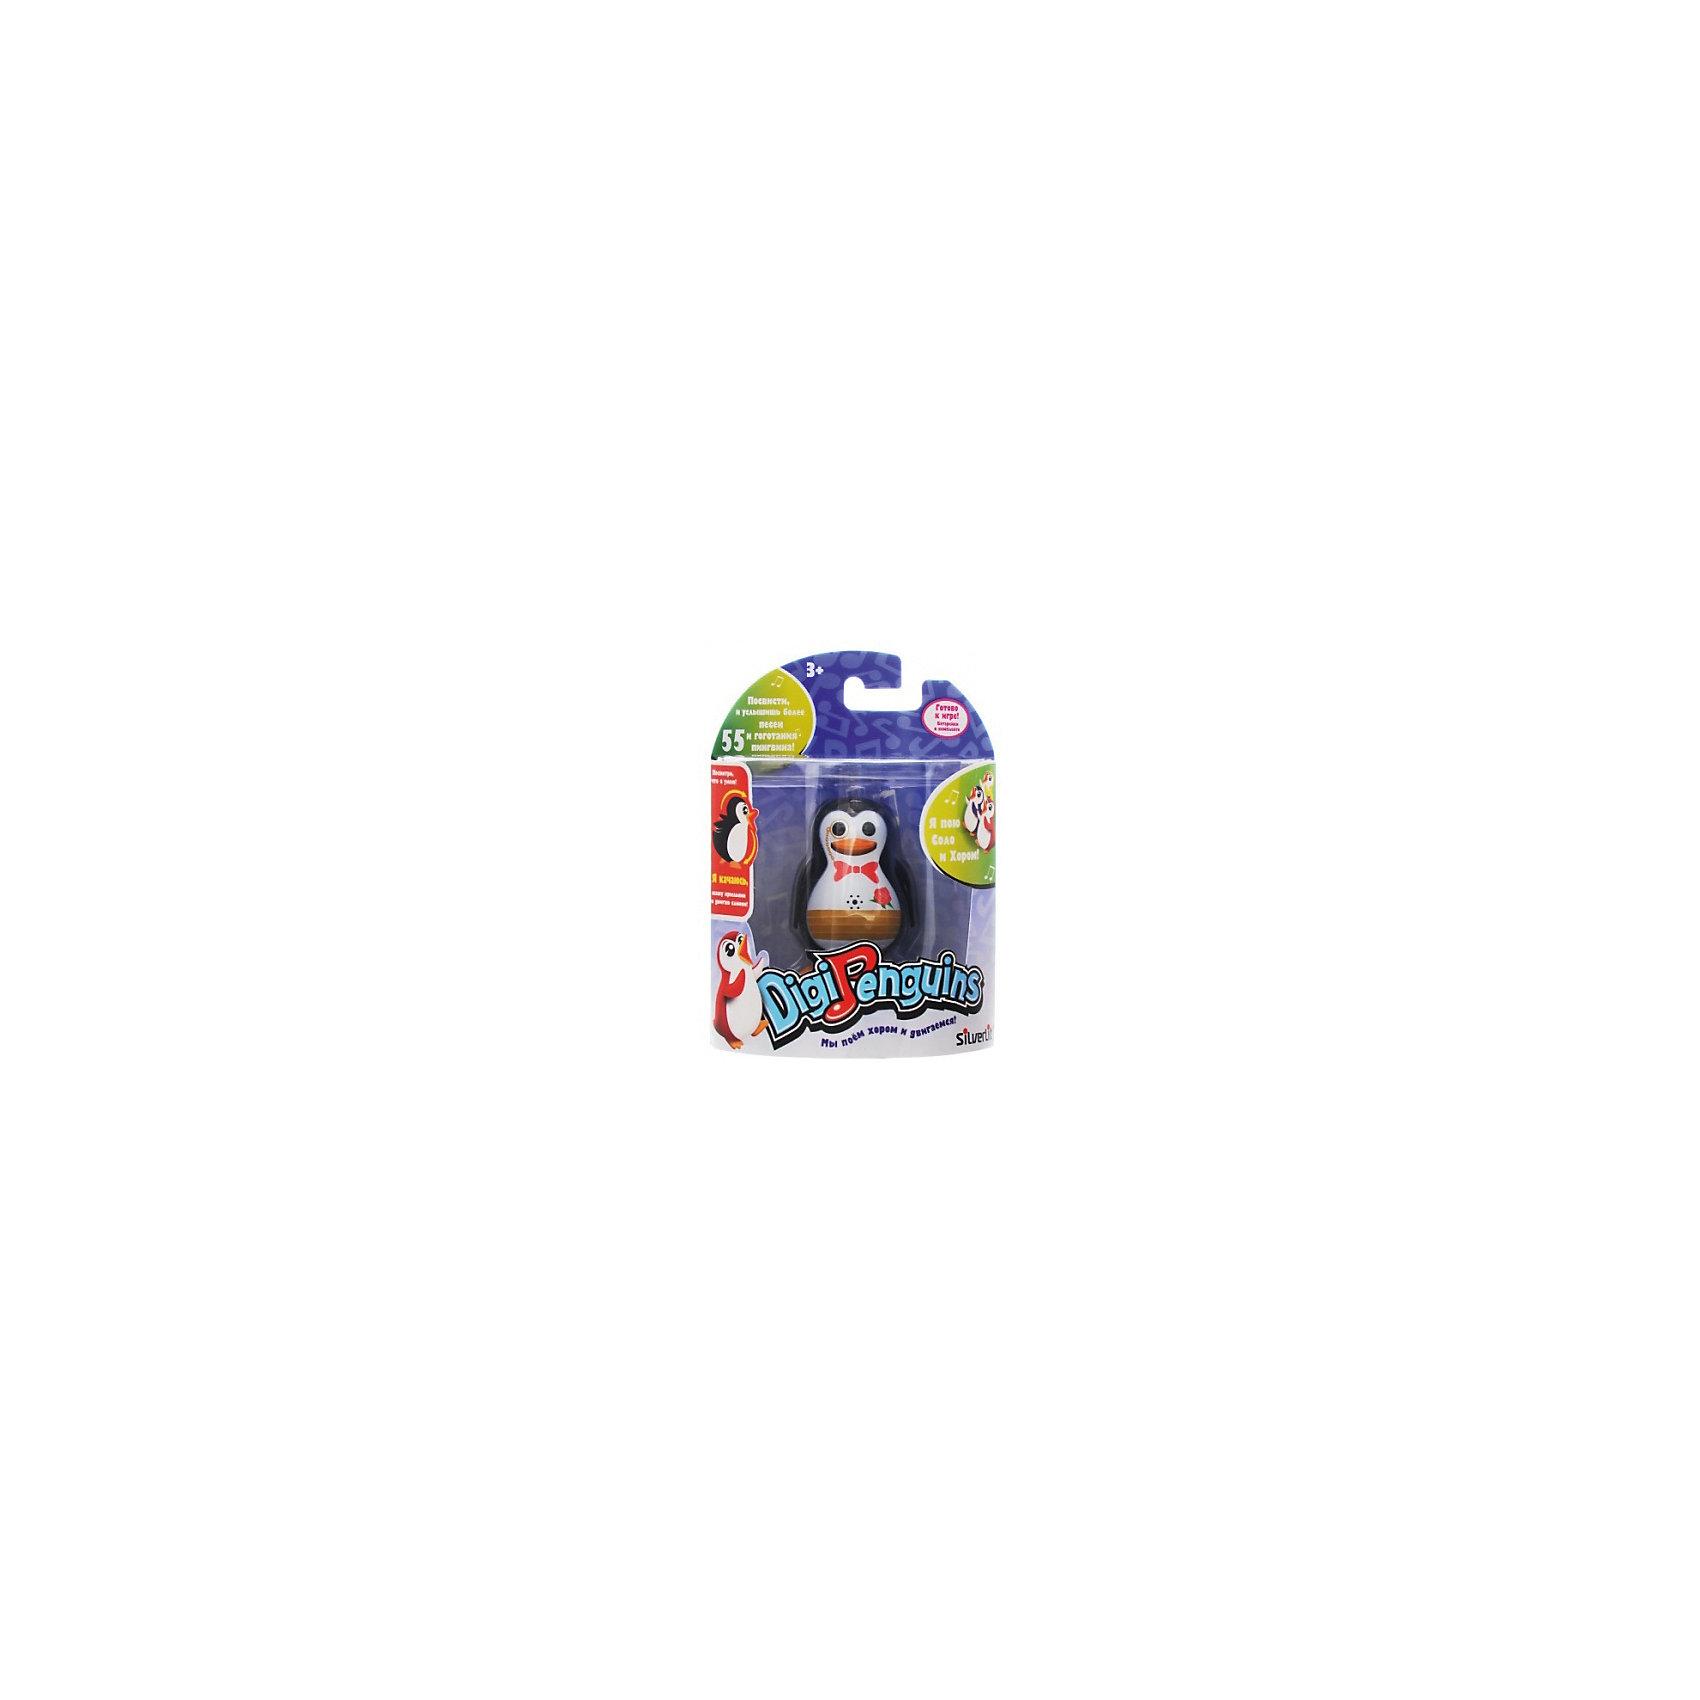 Silverlit Поющий пингвин с кольцом, черный, DigiBirds silverlit пингвин с кольцом фиолетовый художник